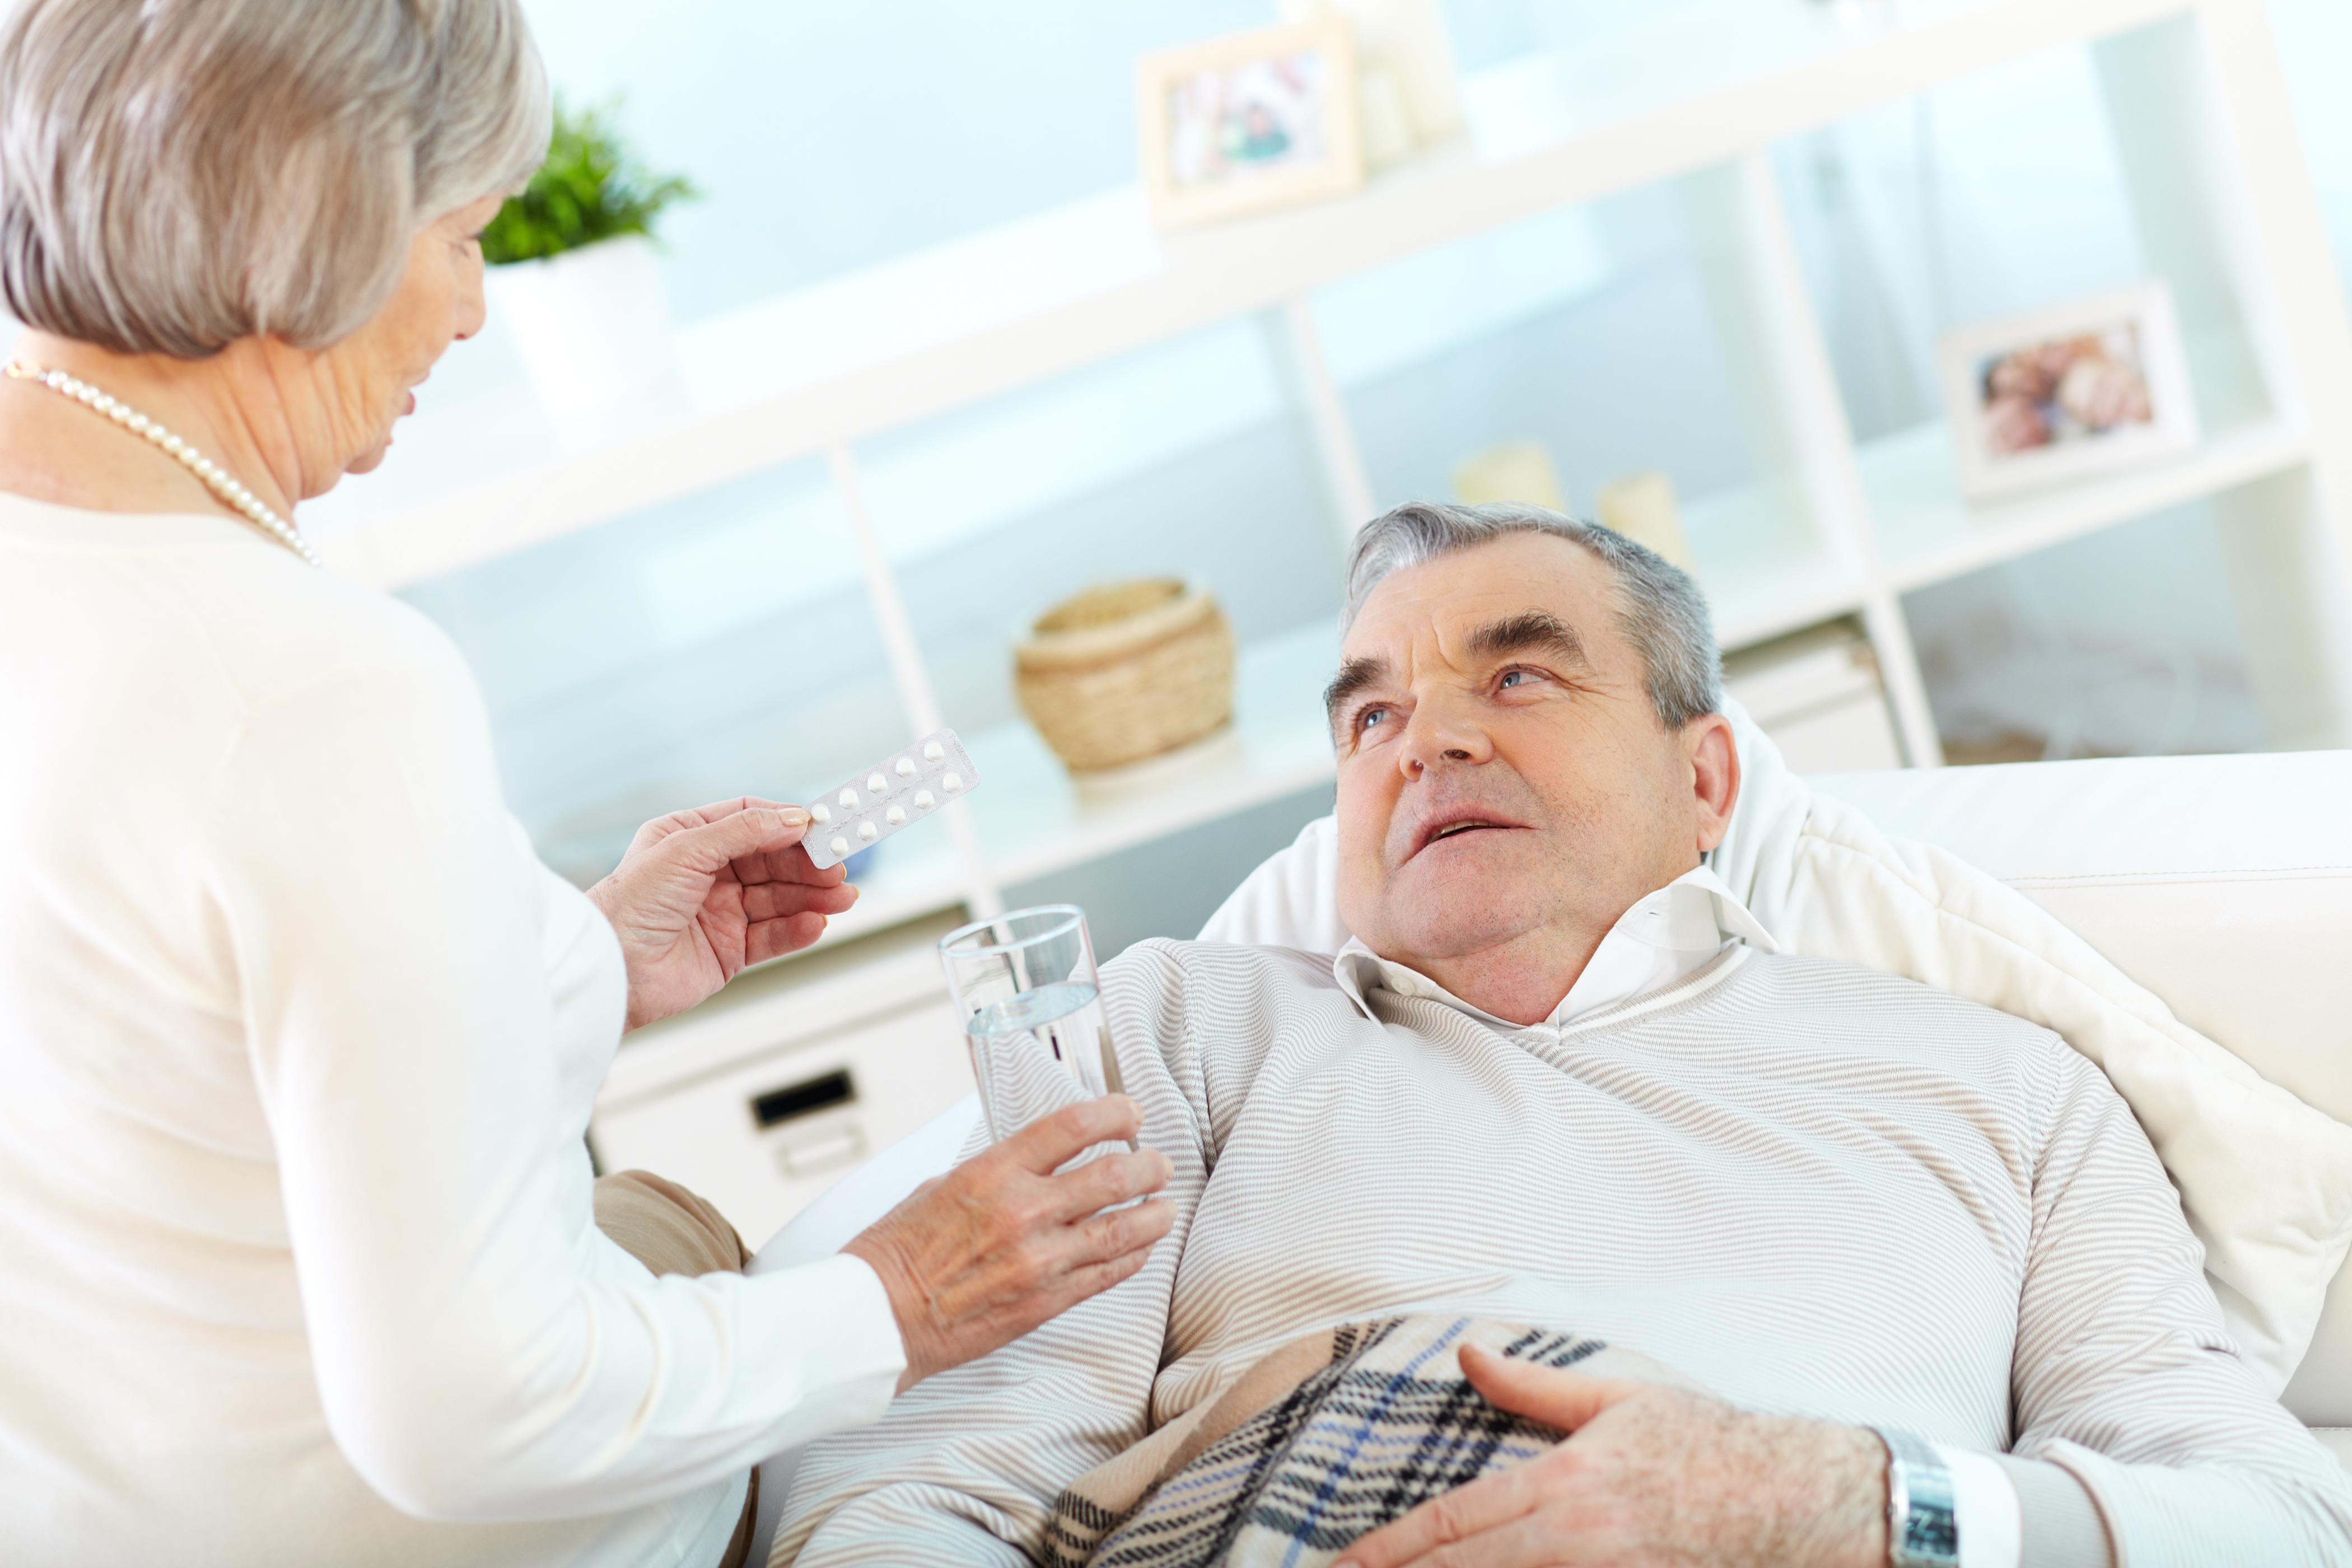 Enfermería de Zaragoza reclama equiparar el número de enfermeras al de médicos para alcanzar el éxito en el plan de crónicos